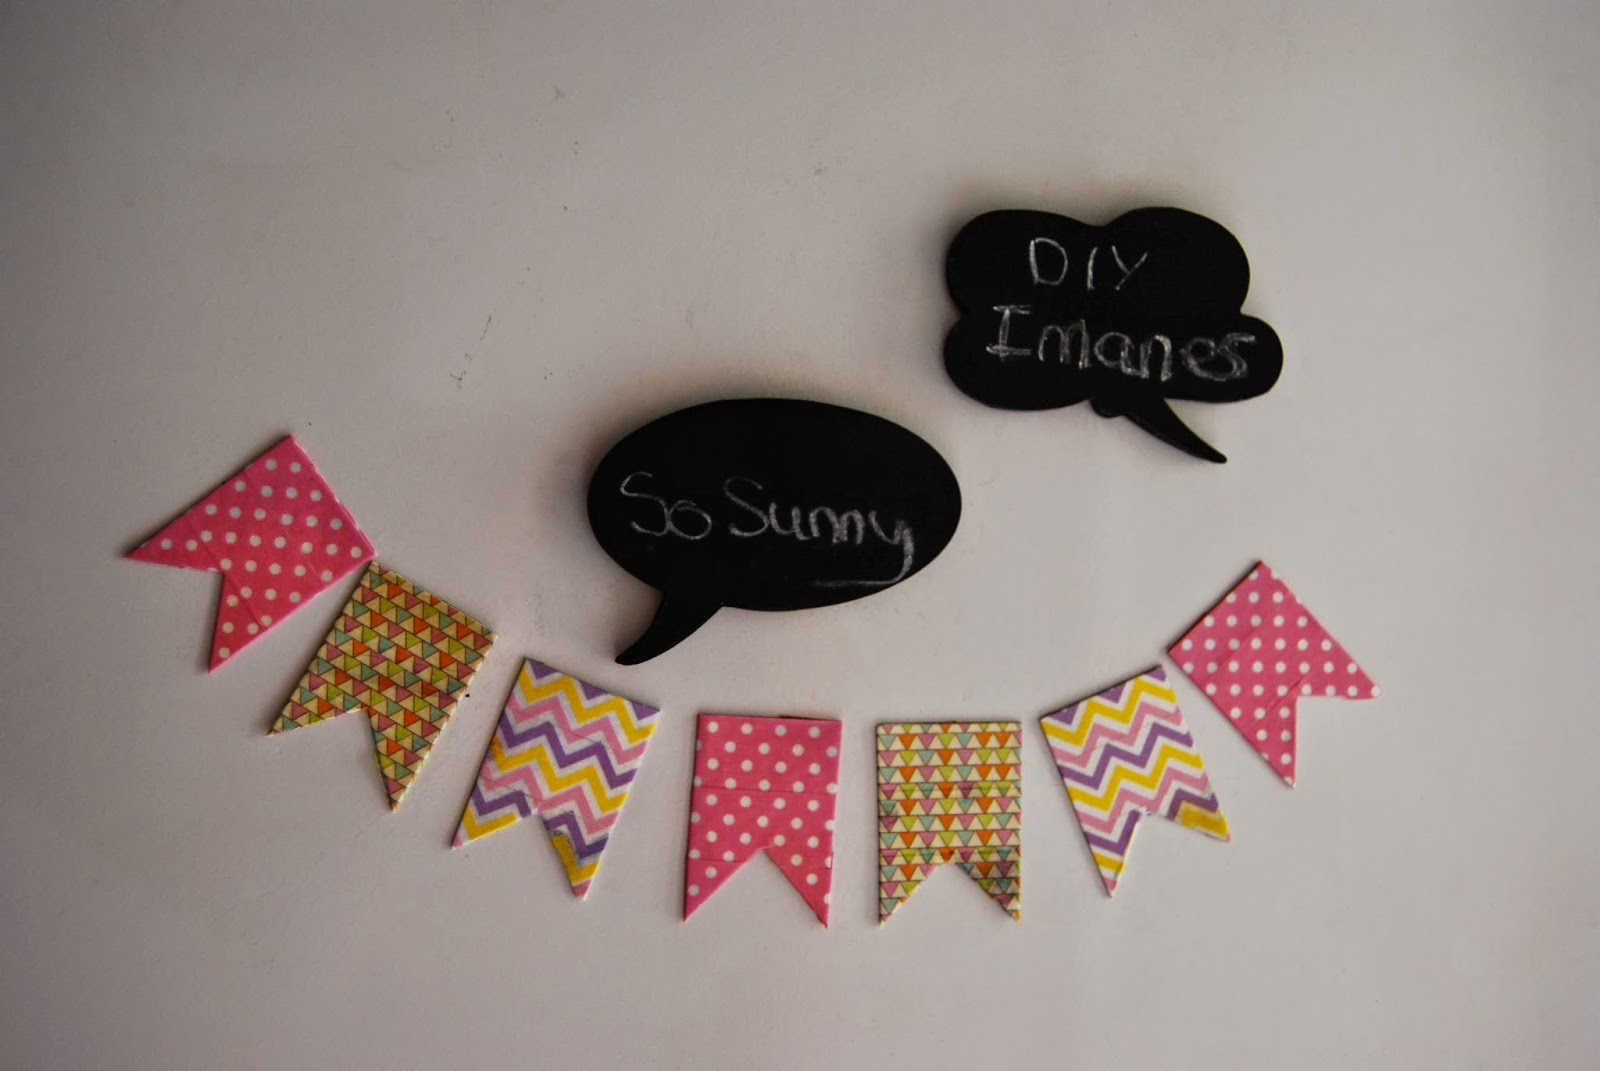 http://sosunnyblog.blogspot.com.es/2014/09/diy-imanes-que-alegran-la-nevera.html